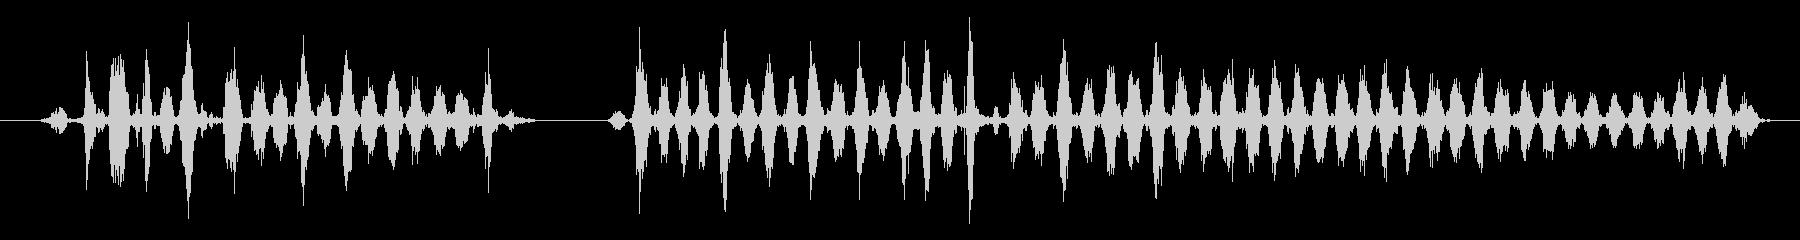 おろしがねで大根をすりおろす音の未再生の波形